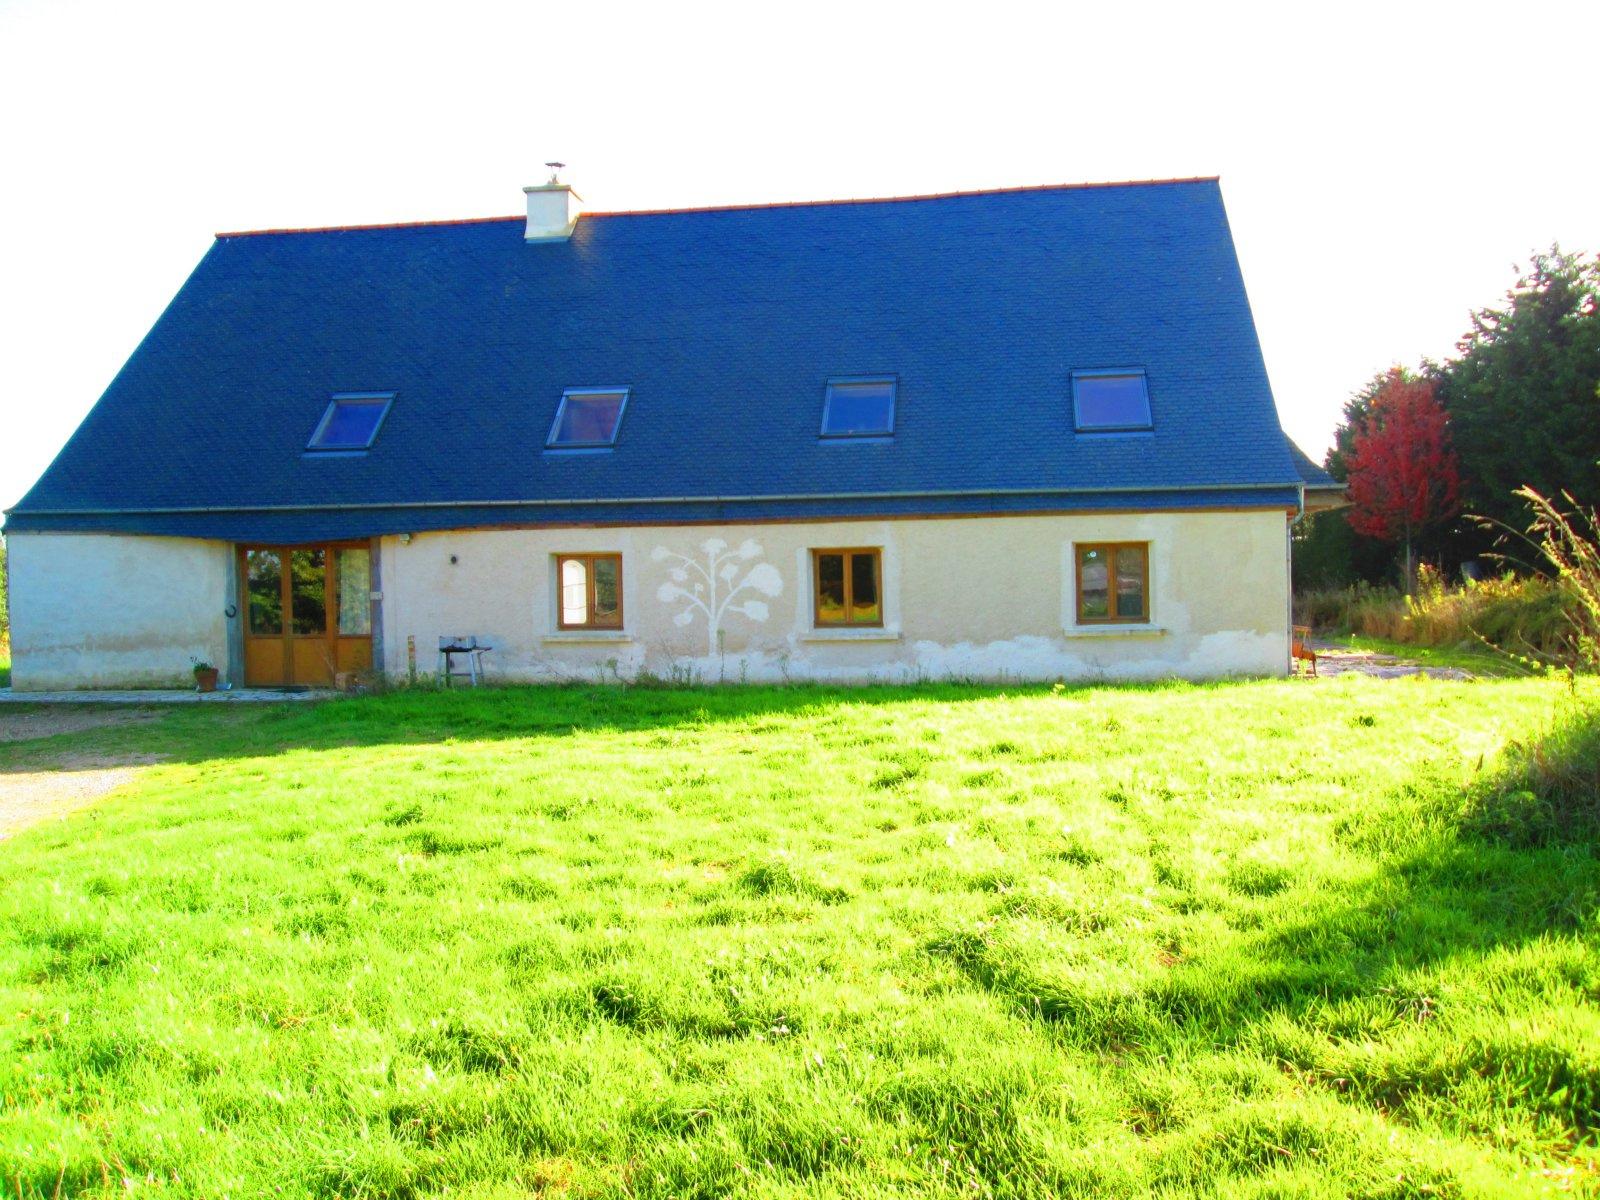 Vente ecologique maison ossature bois et paille - Prix m2 maison ossature bois ...